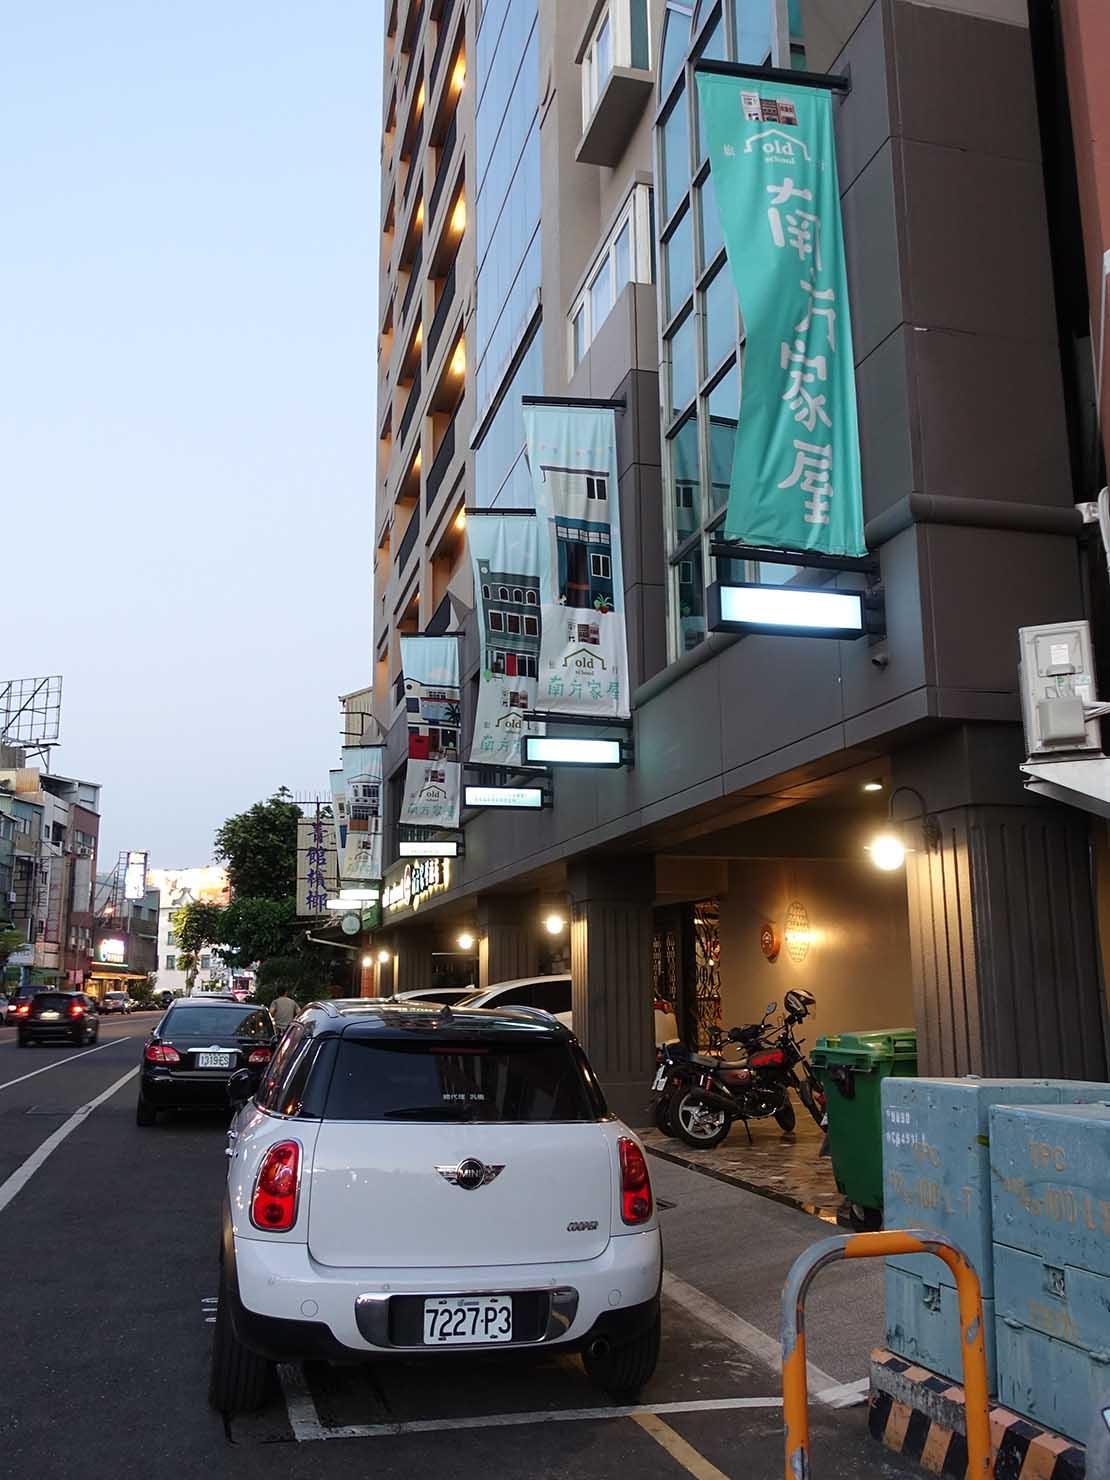 台南駅徒歩10分のかわいいデザインホテル「南方家屋 Old School」に到着